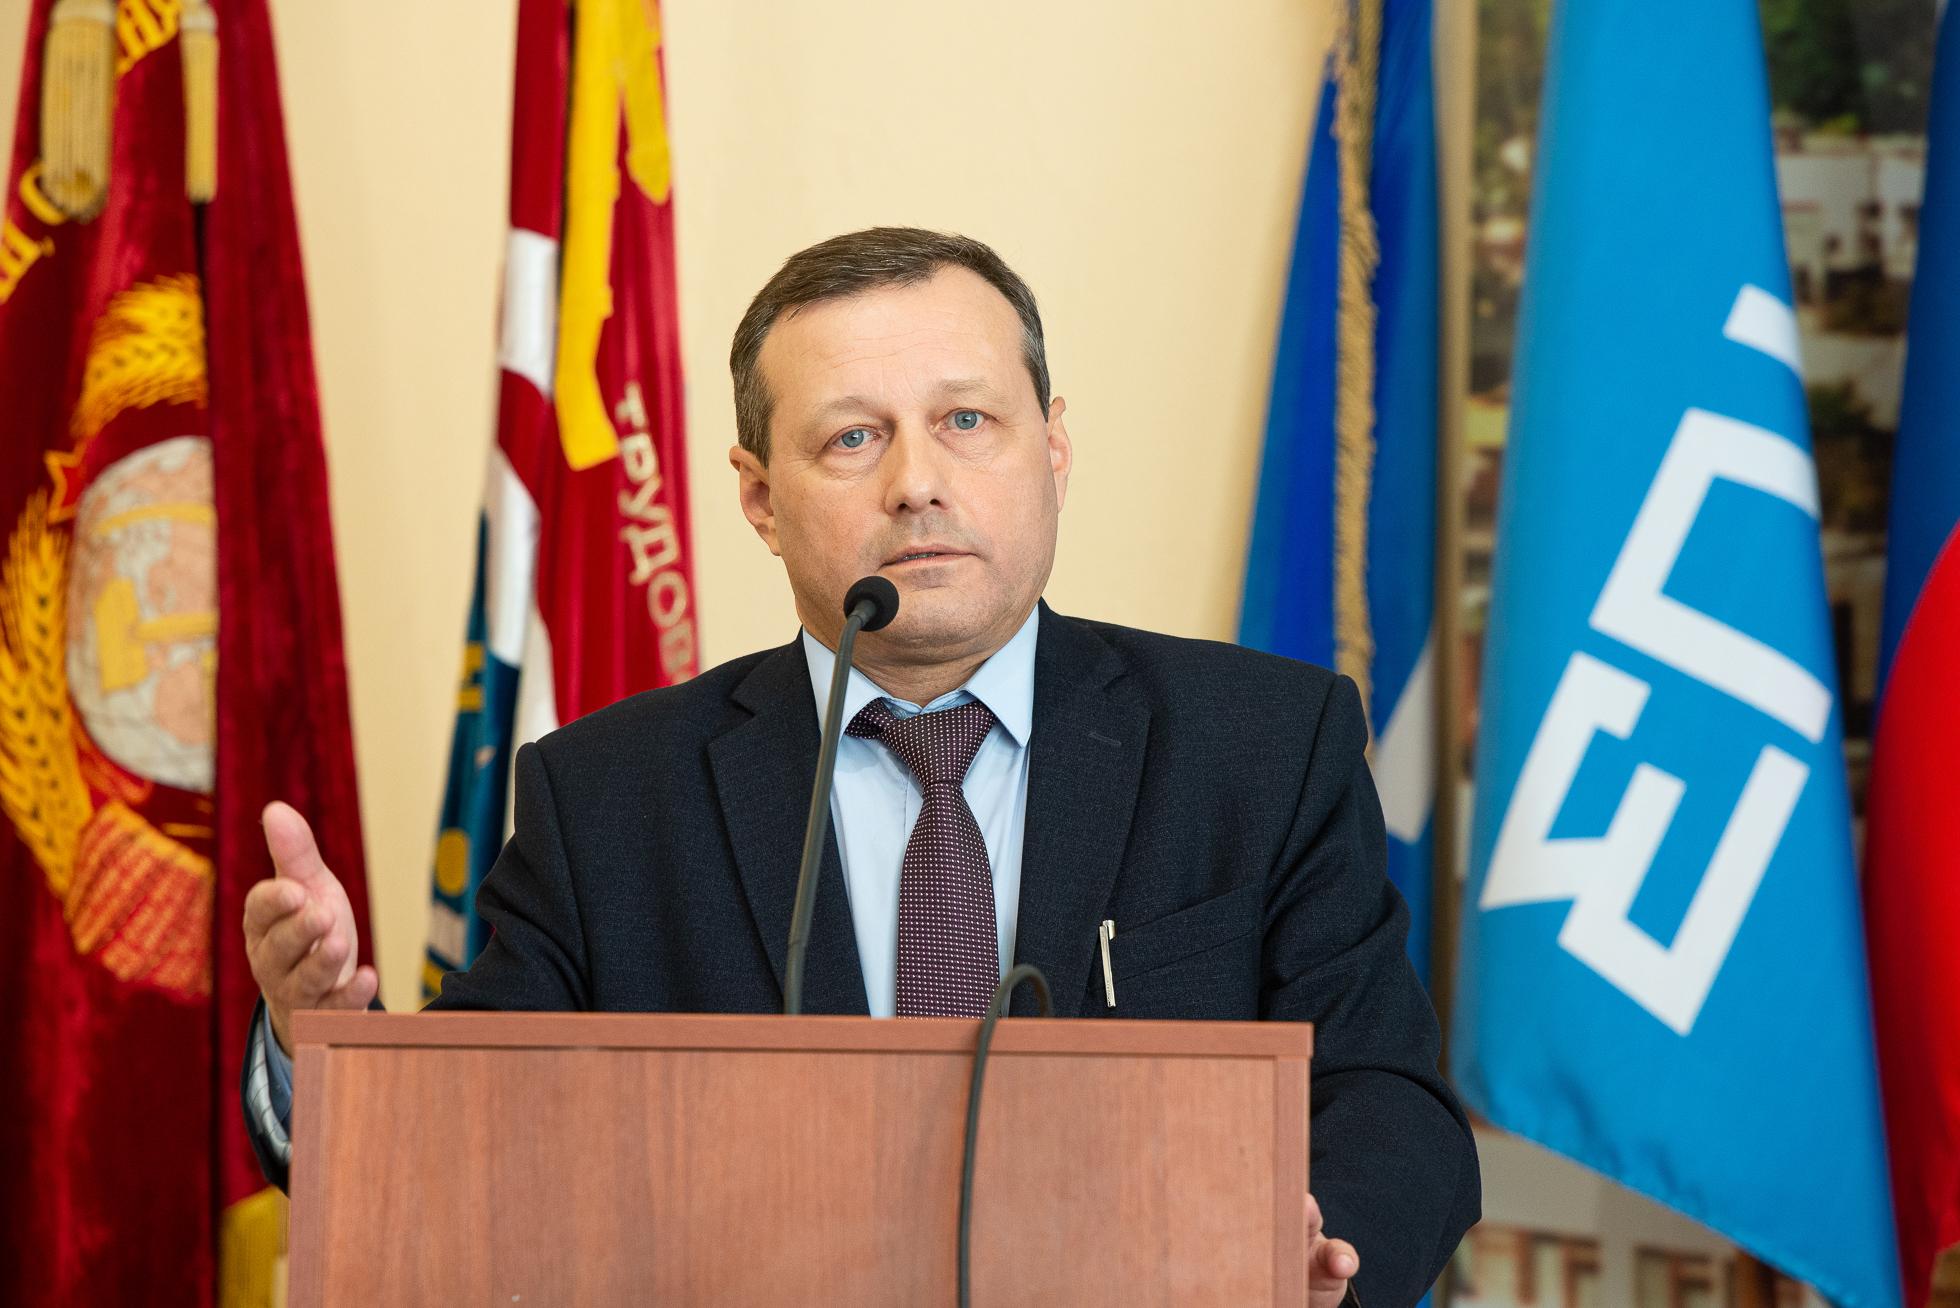 Генеральный директор АО «КУЛЗ» Вячеслав Русаков